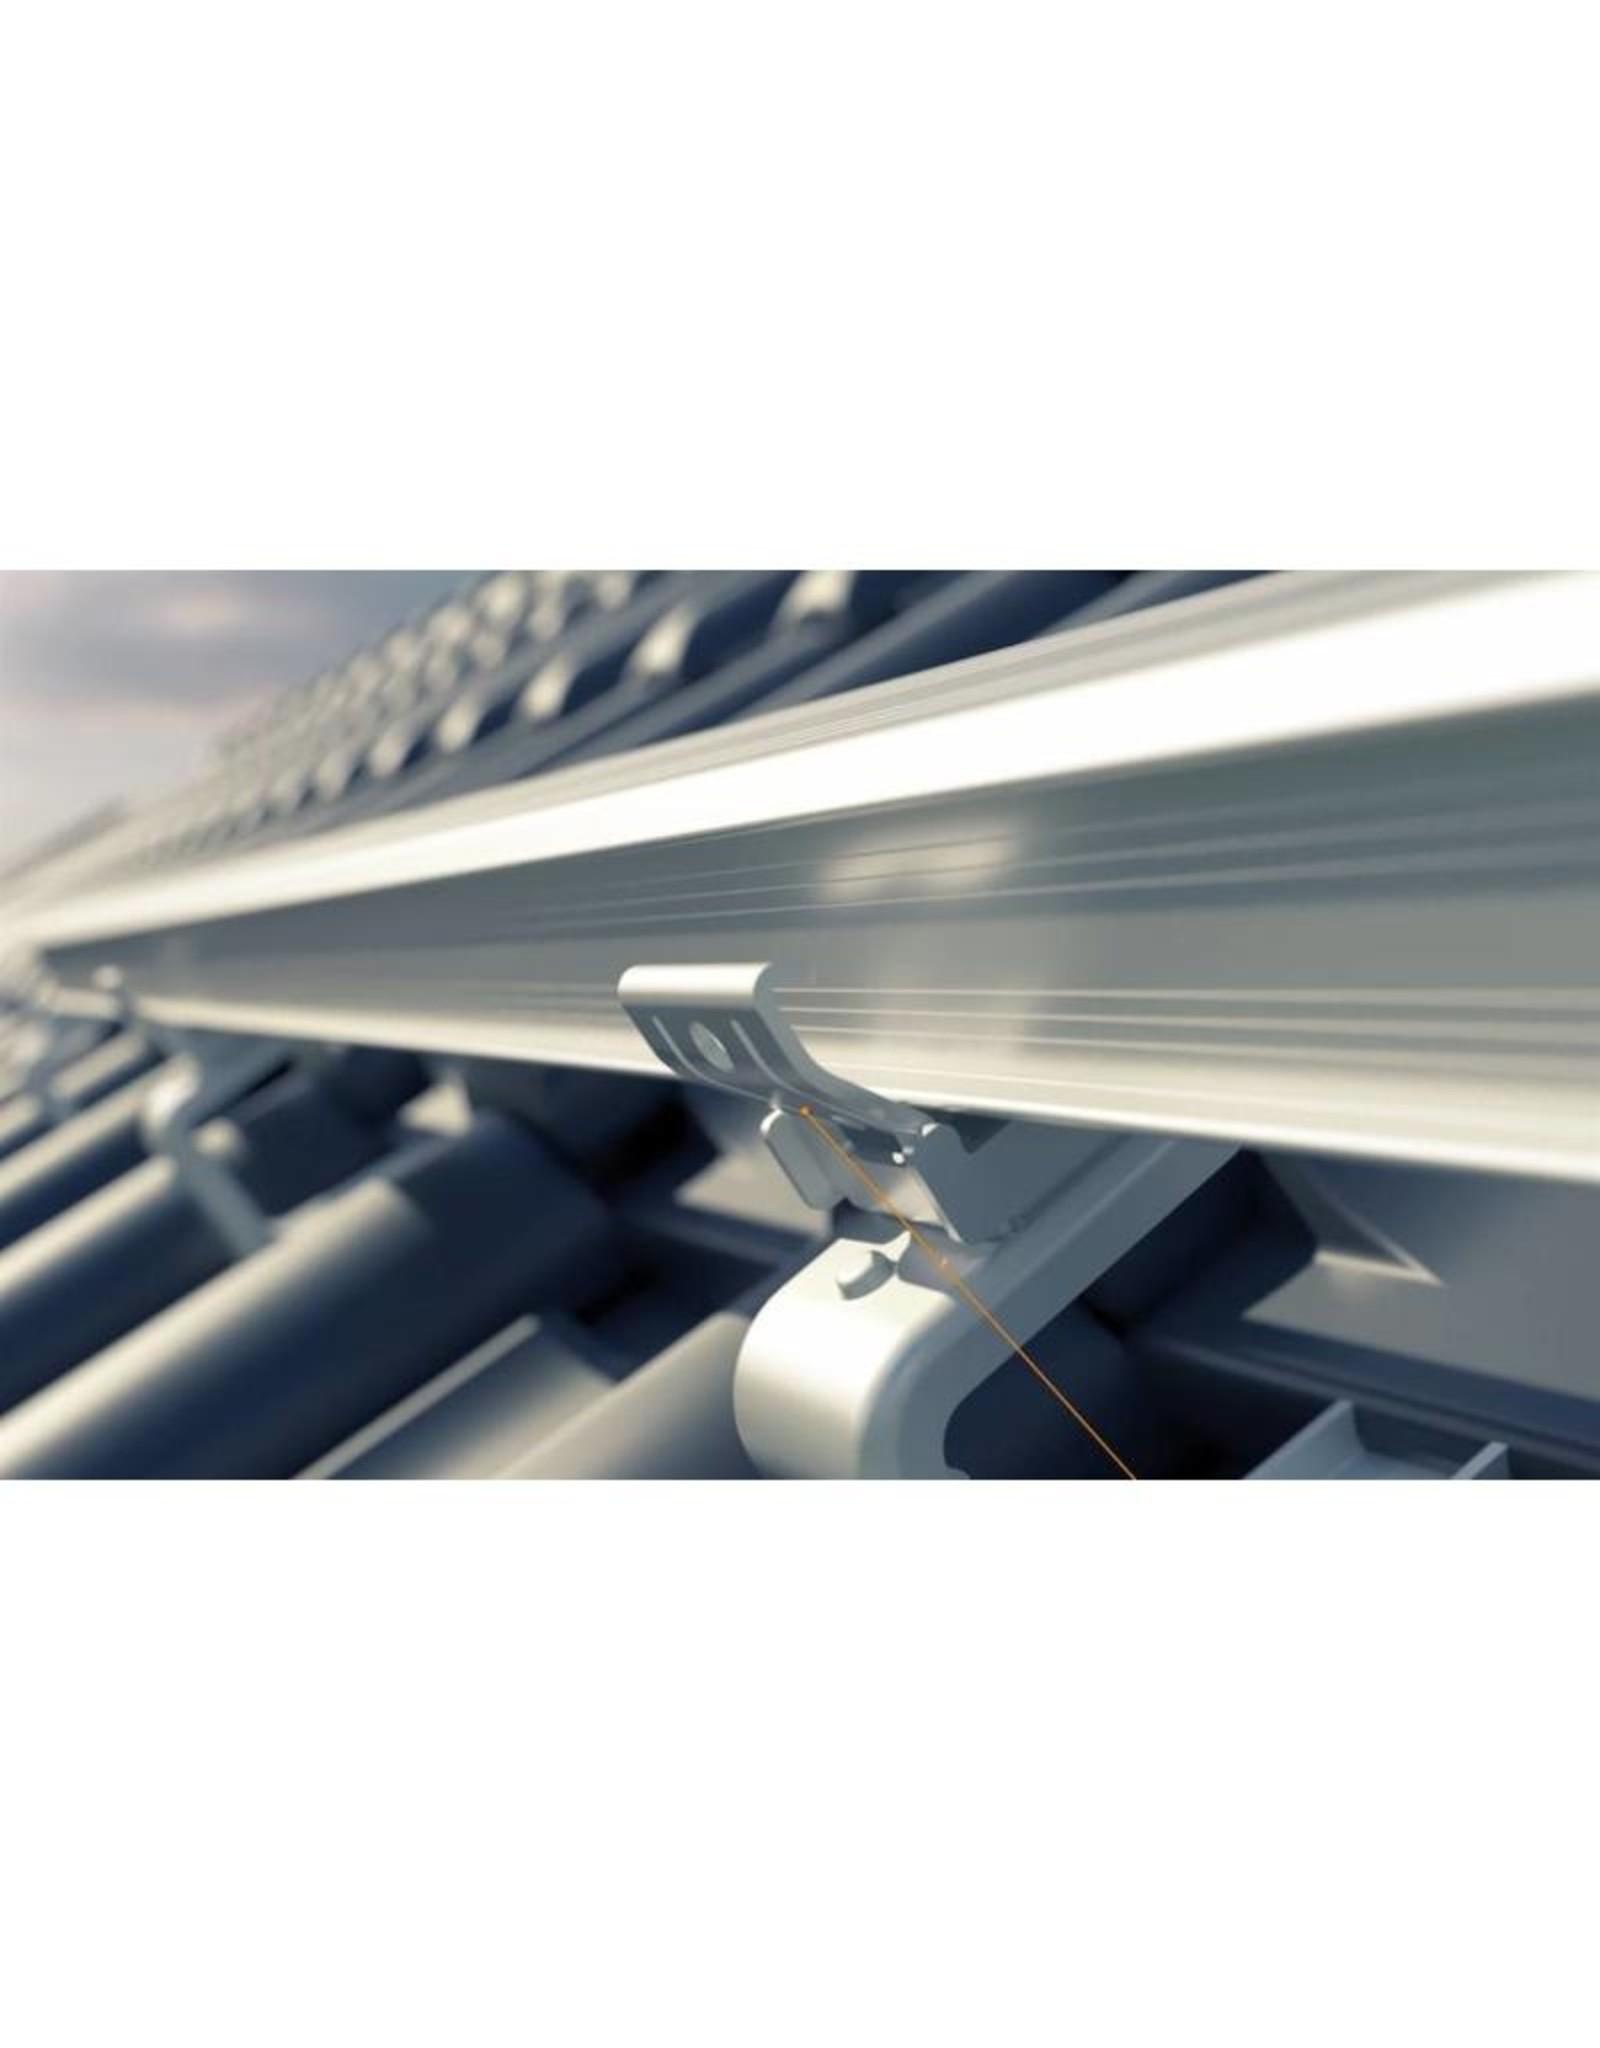 Pakket voor zelfinstallatie Pakket met 9 Jinko Solar monokristallijne Full Black panelen, SolarEdge omvormer en Esdec Clickfit EVO montagematerialen